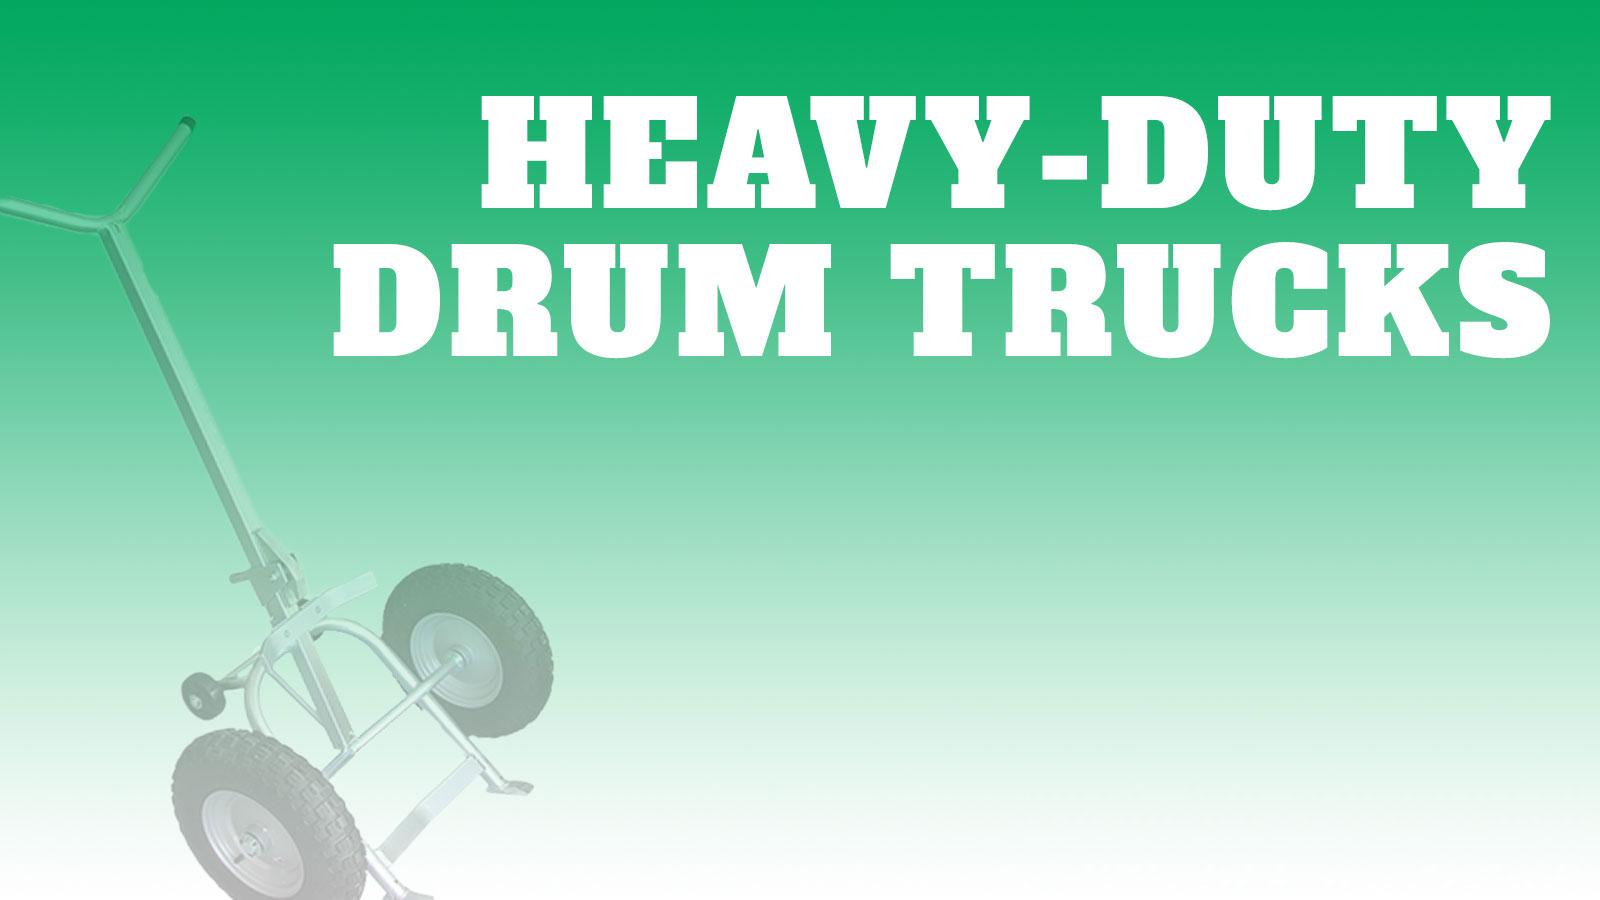 DrumHandling-Heavy-Duty